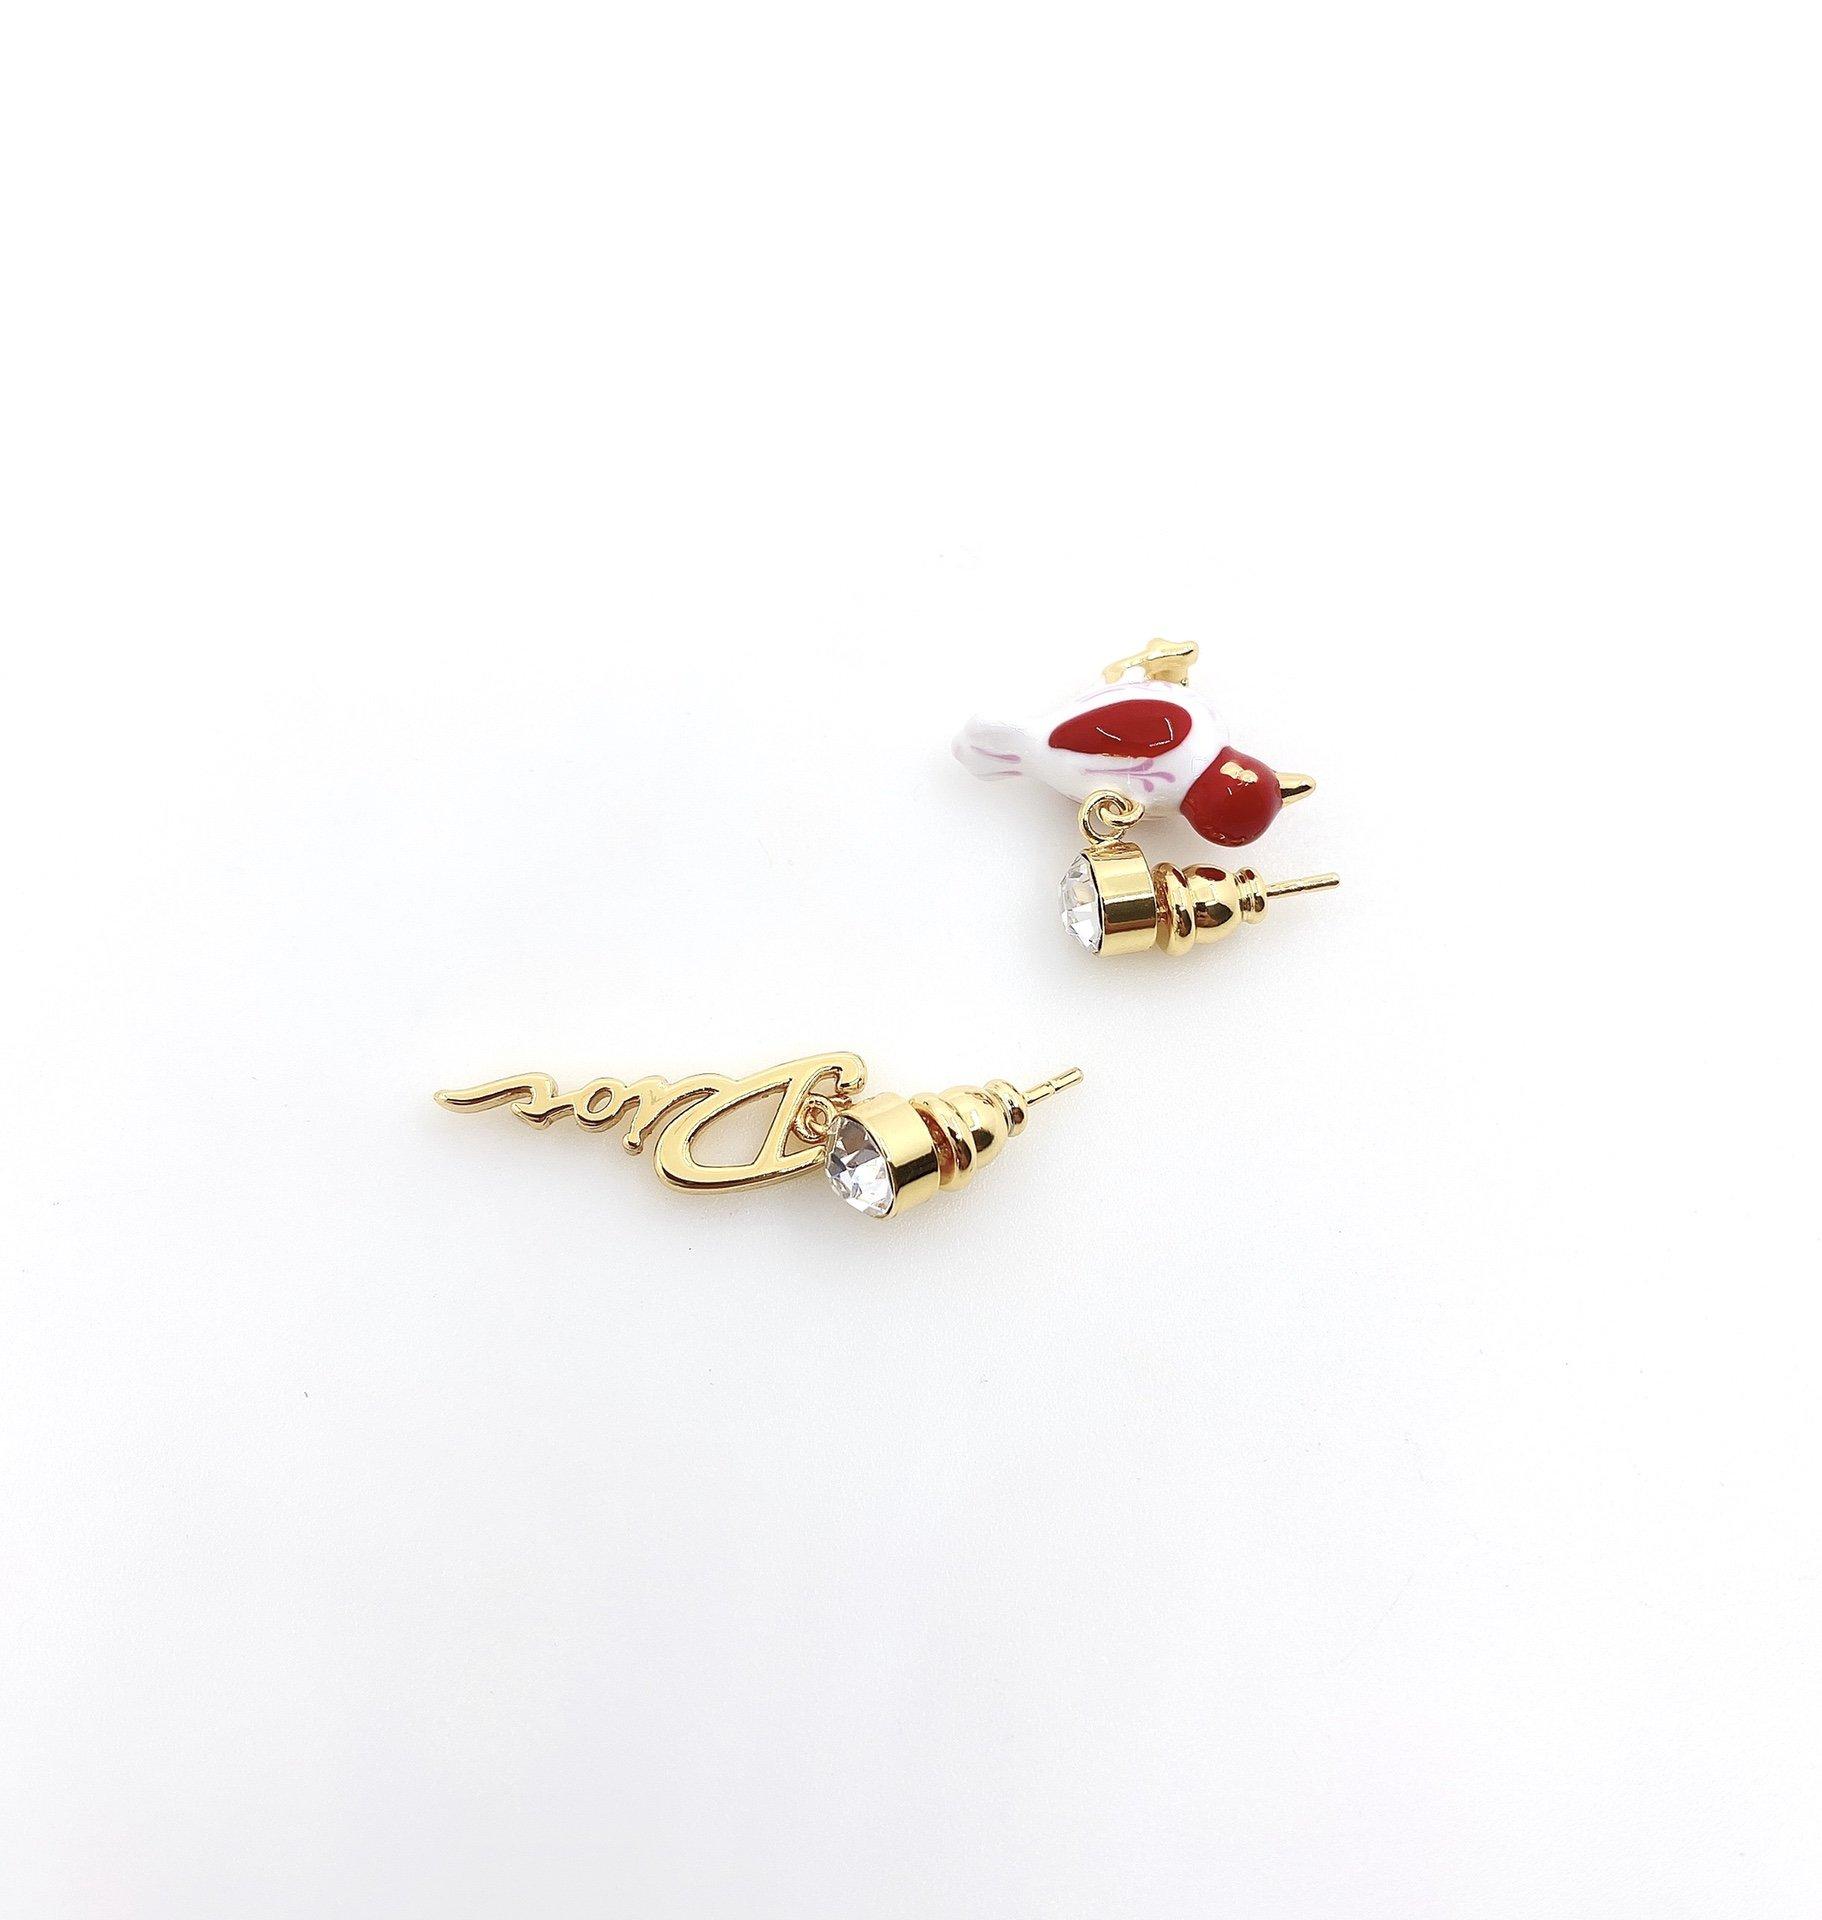 Dior最新款红色小鸟不对称耳钉一致